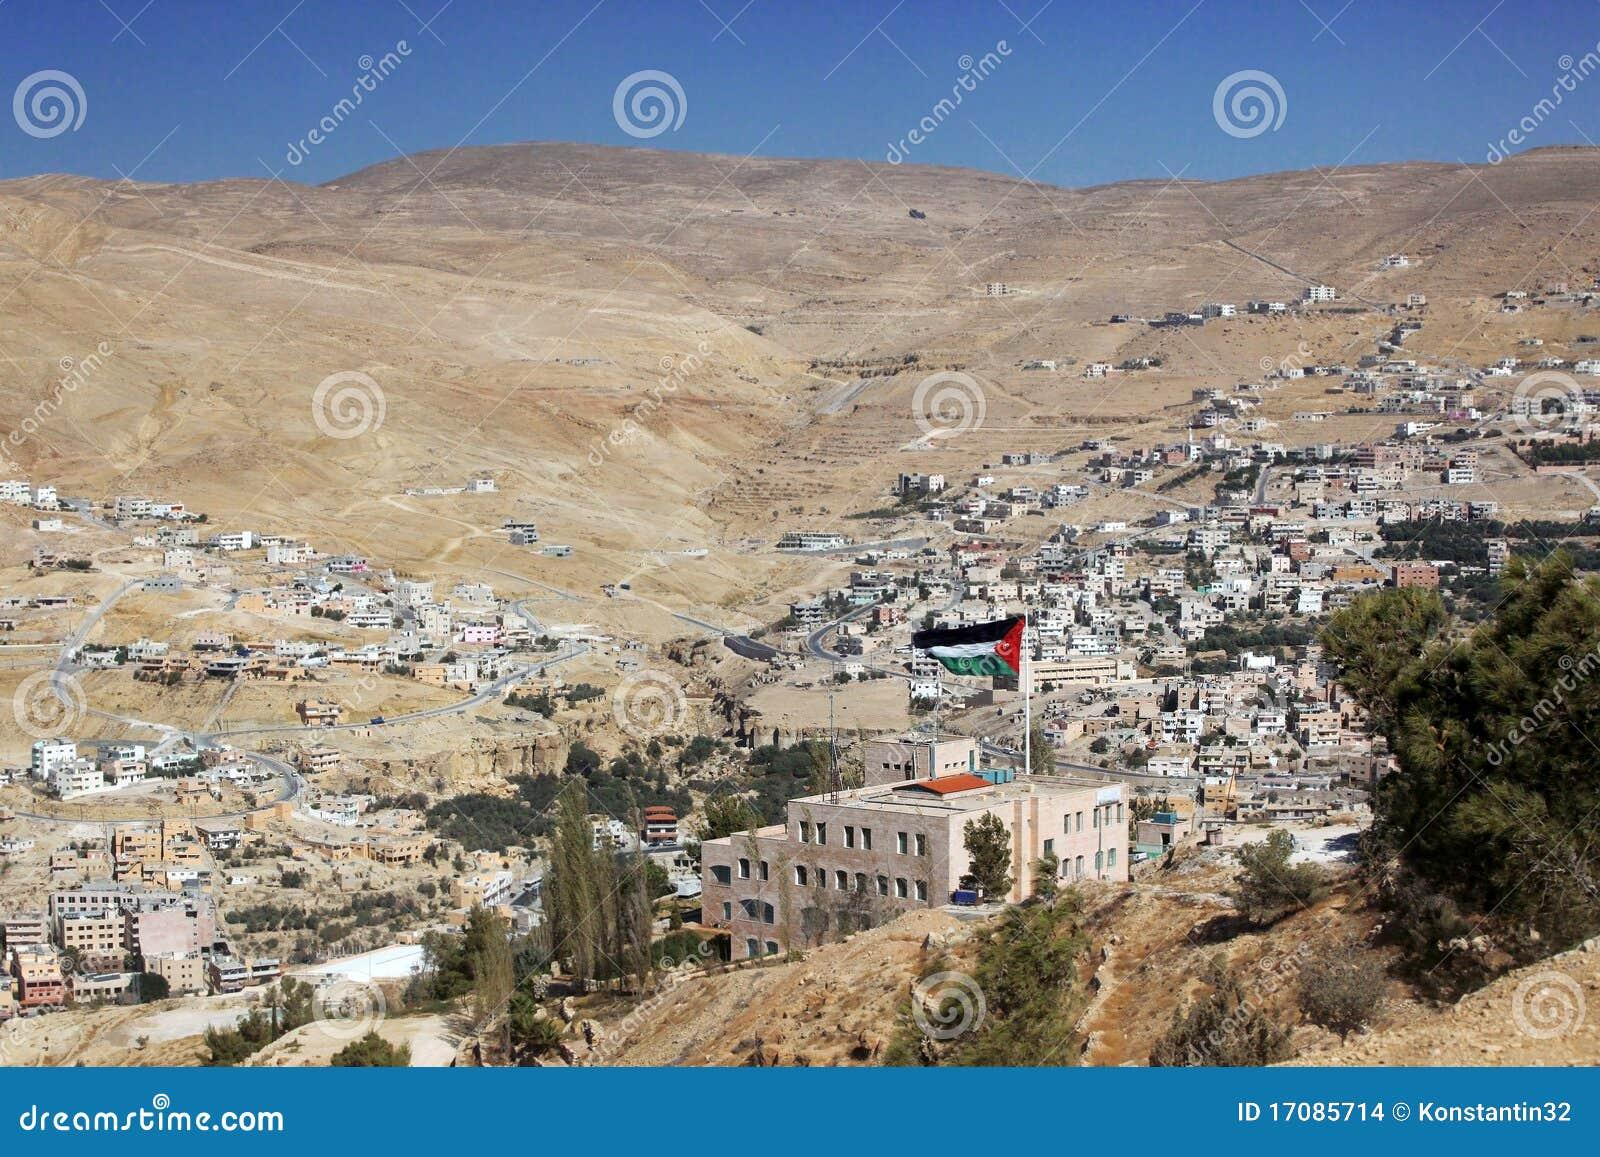 Klassisches Jordanien - Ansicht über ein Tal